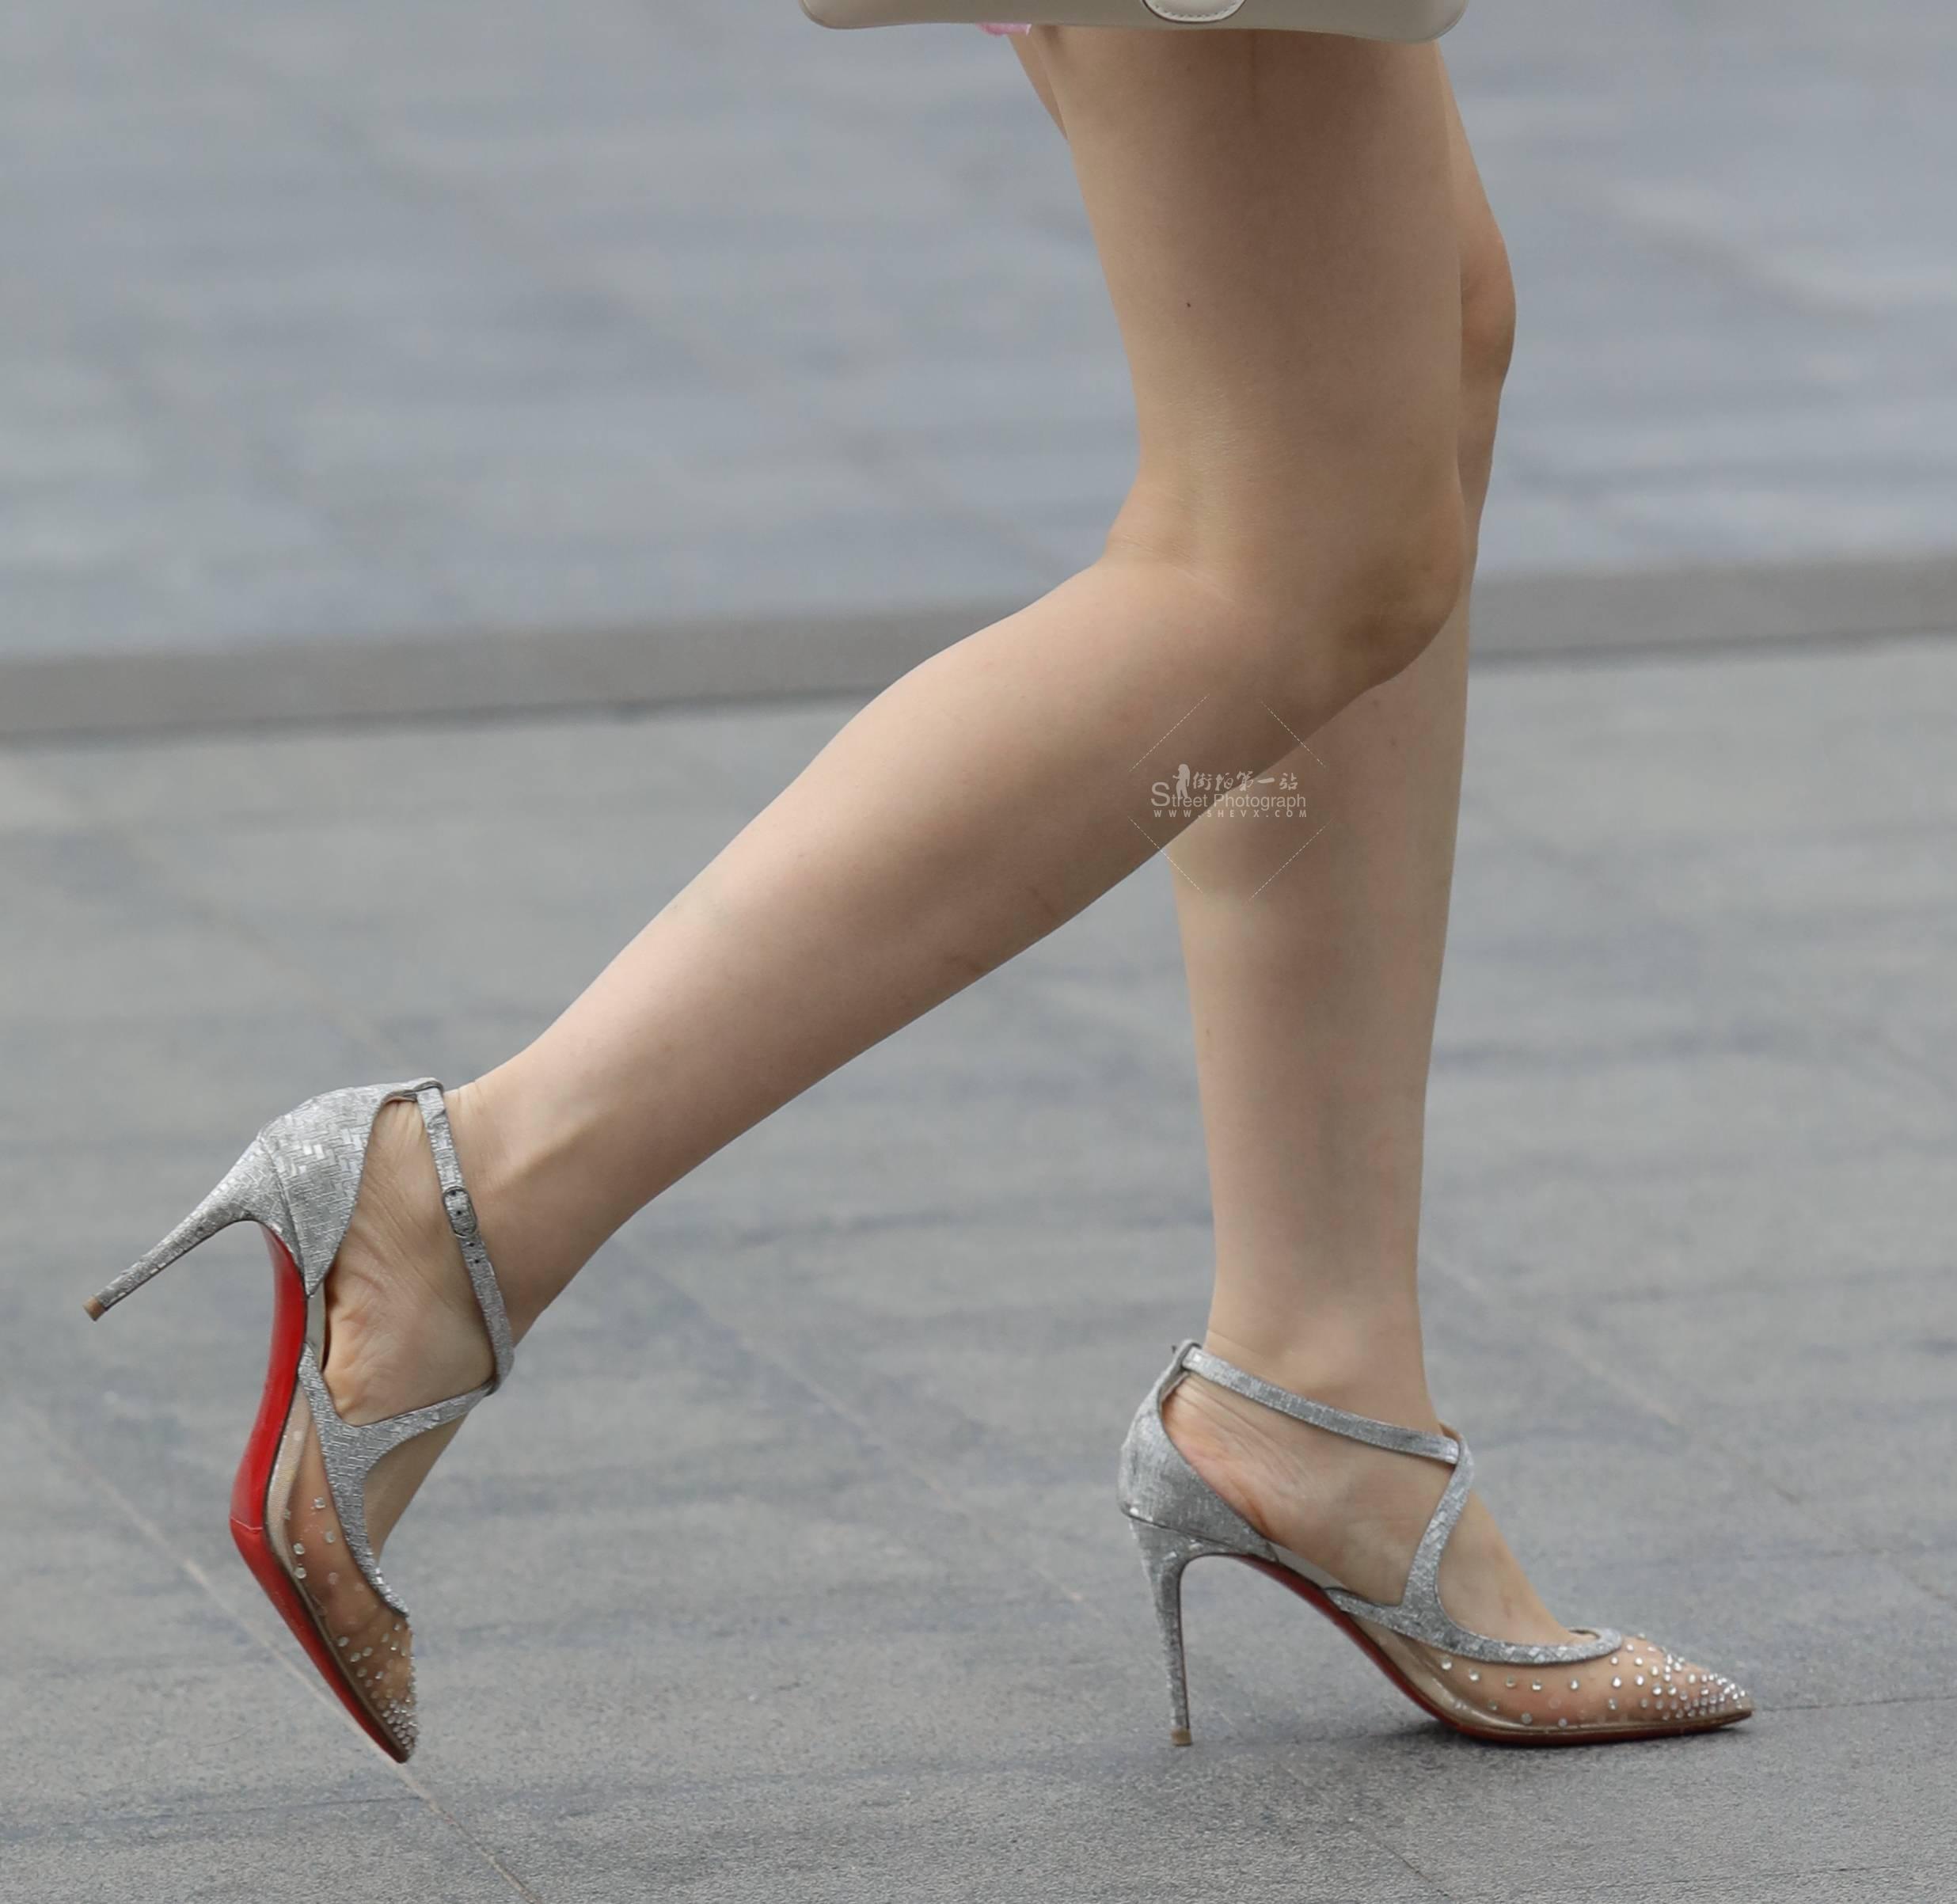 街拍高跟 【珏一笑而过】诱惑丝袜 高跟Shao Fu 最新街拍丝袜图片 街拍丝袜第一站